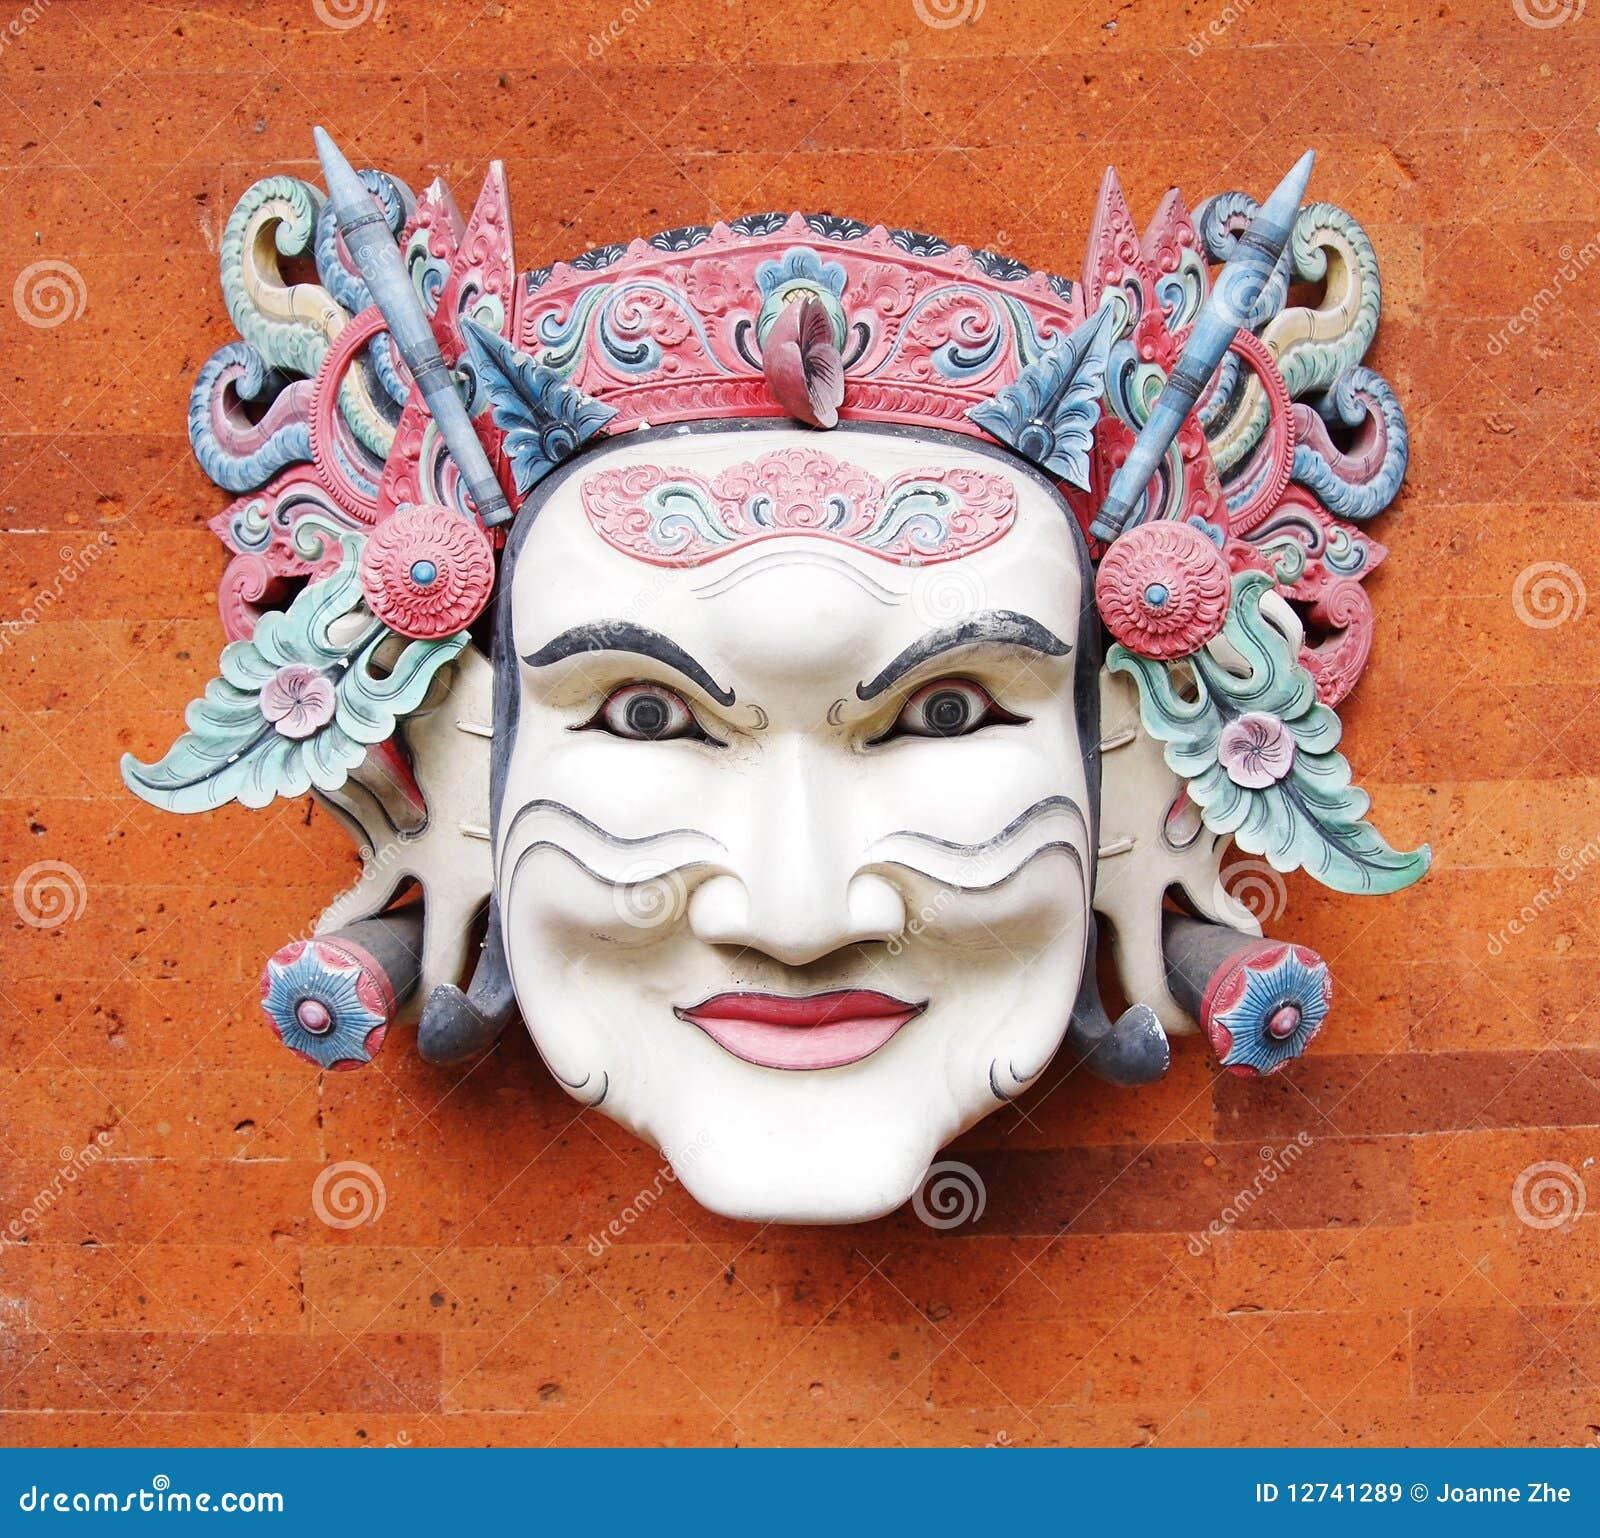 masque travaux manuelle